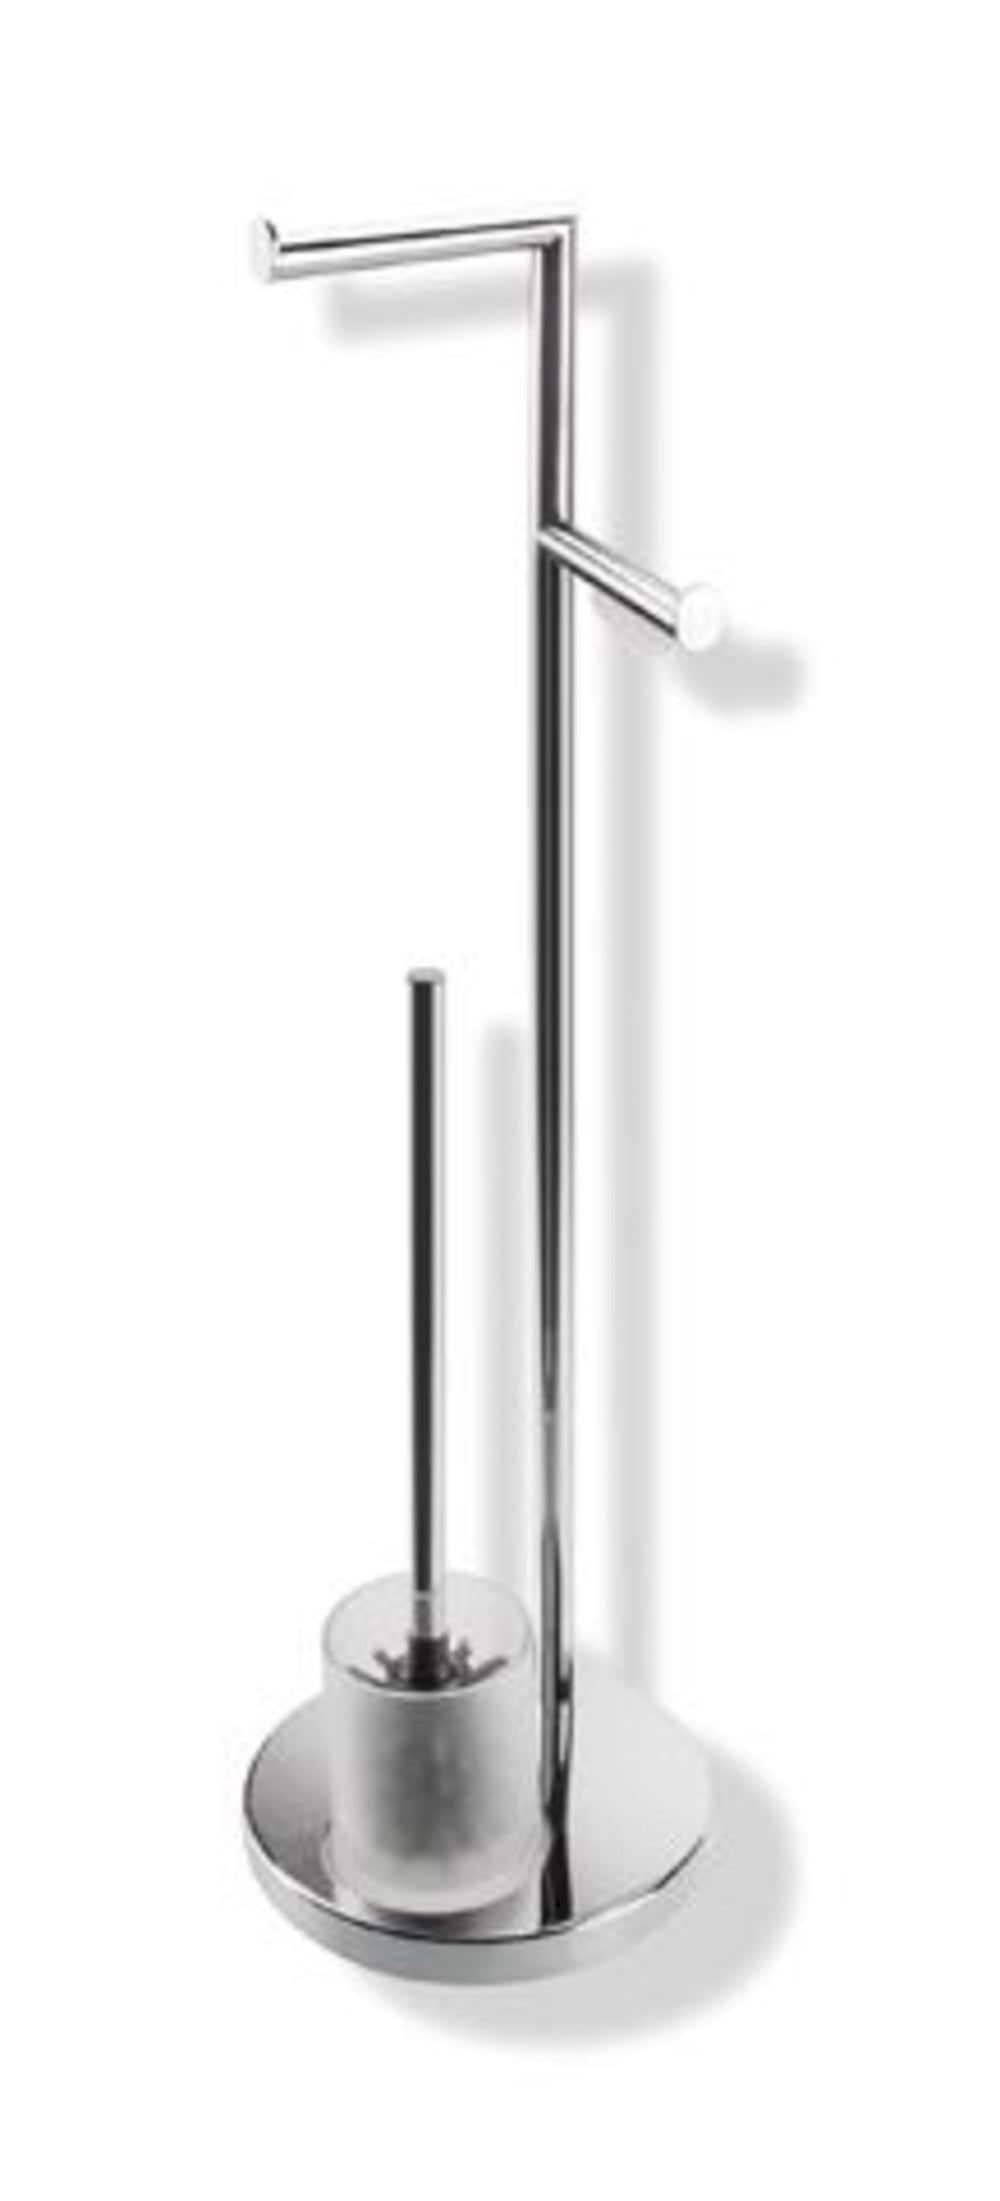 Accessoires HEWI Butler system 950